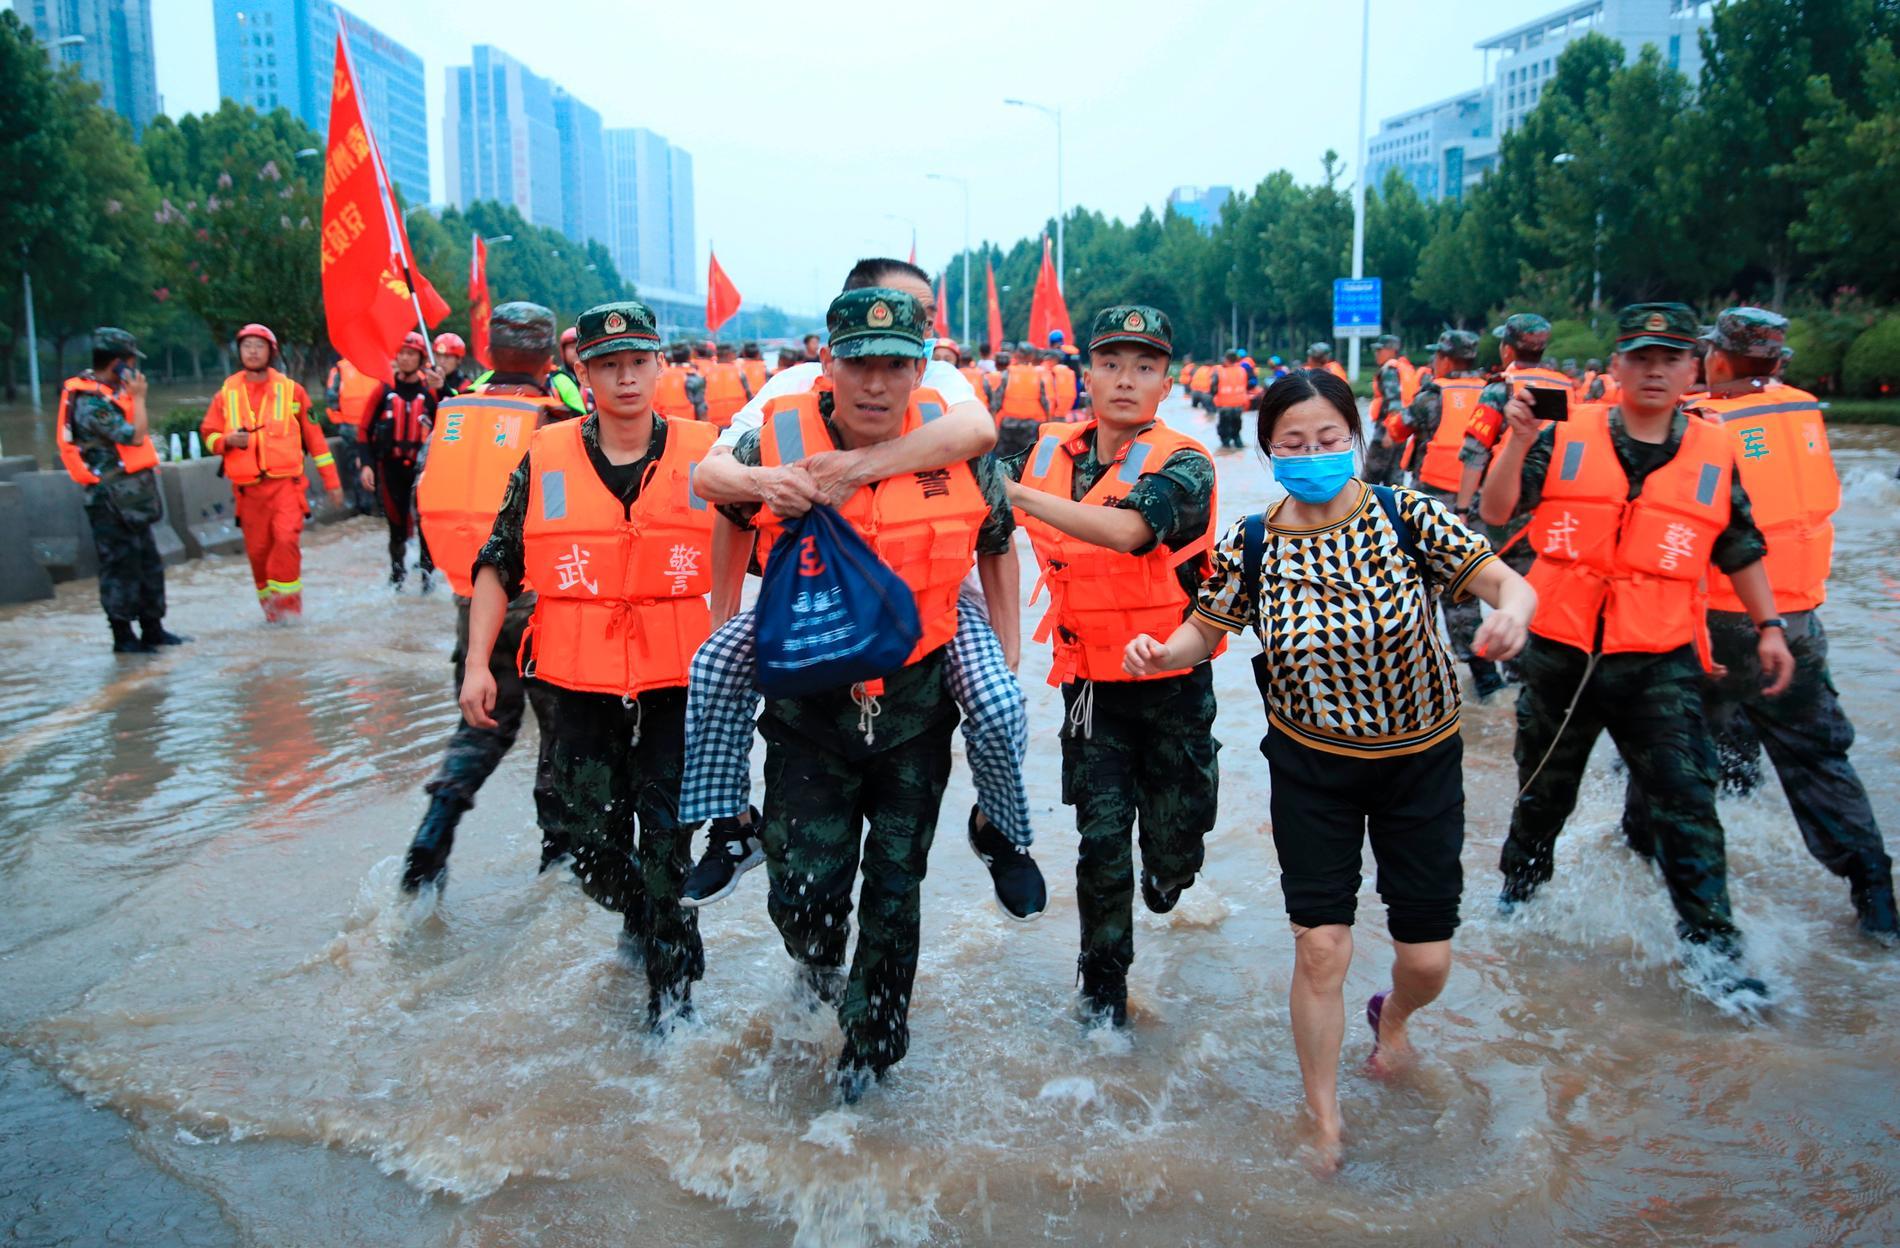 Kinesisk militär evakuerar invånare i samband med översvämningarna i staden Zhengzhou.